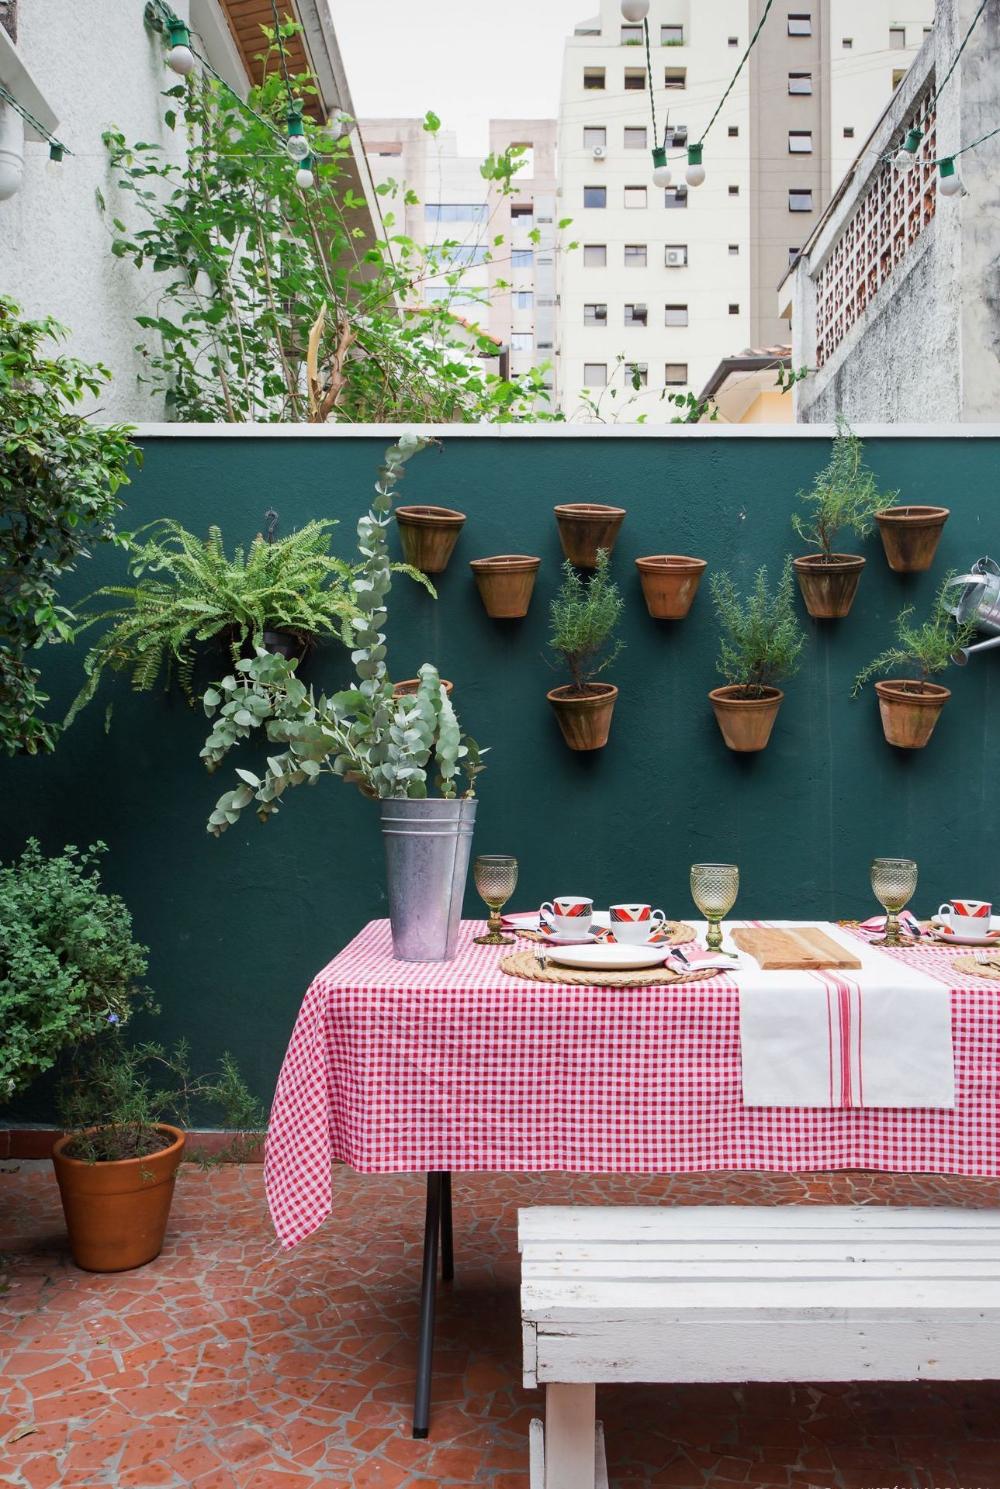 Terrasse : Inspirations Pour Décorer Les Murs Extérieurs ... concernant Decoration Mur Exterieur Maison En Tunisie